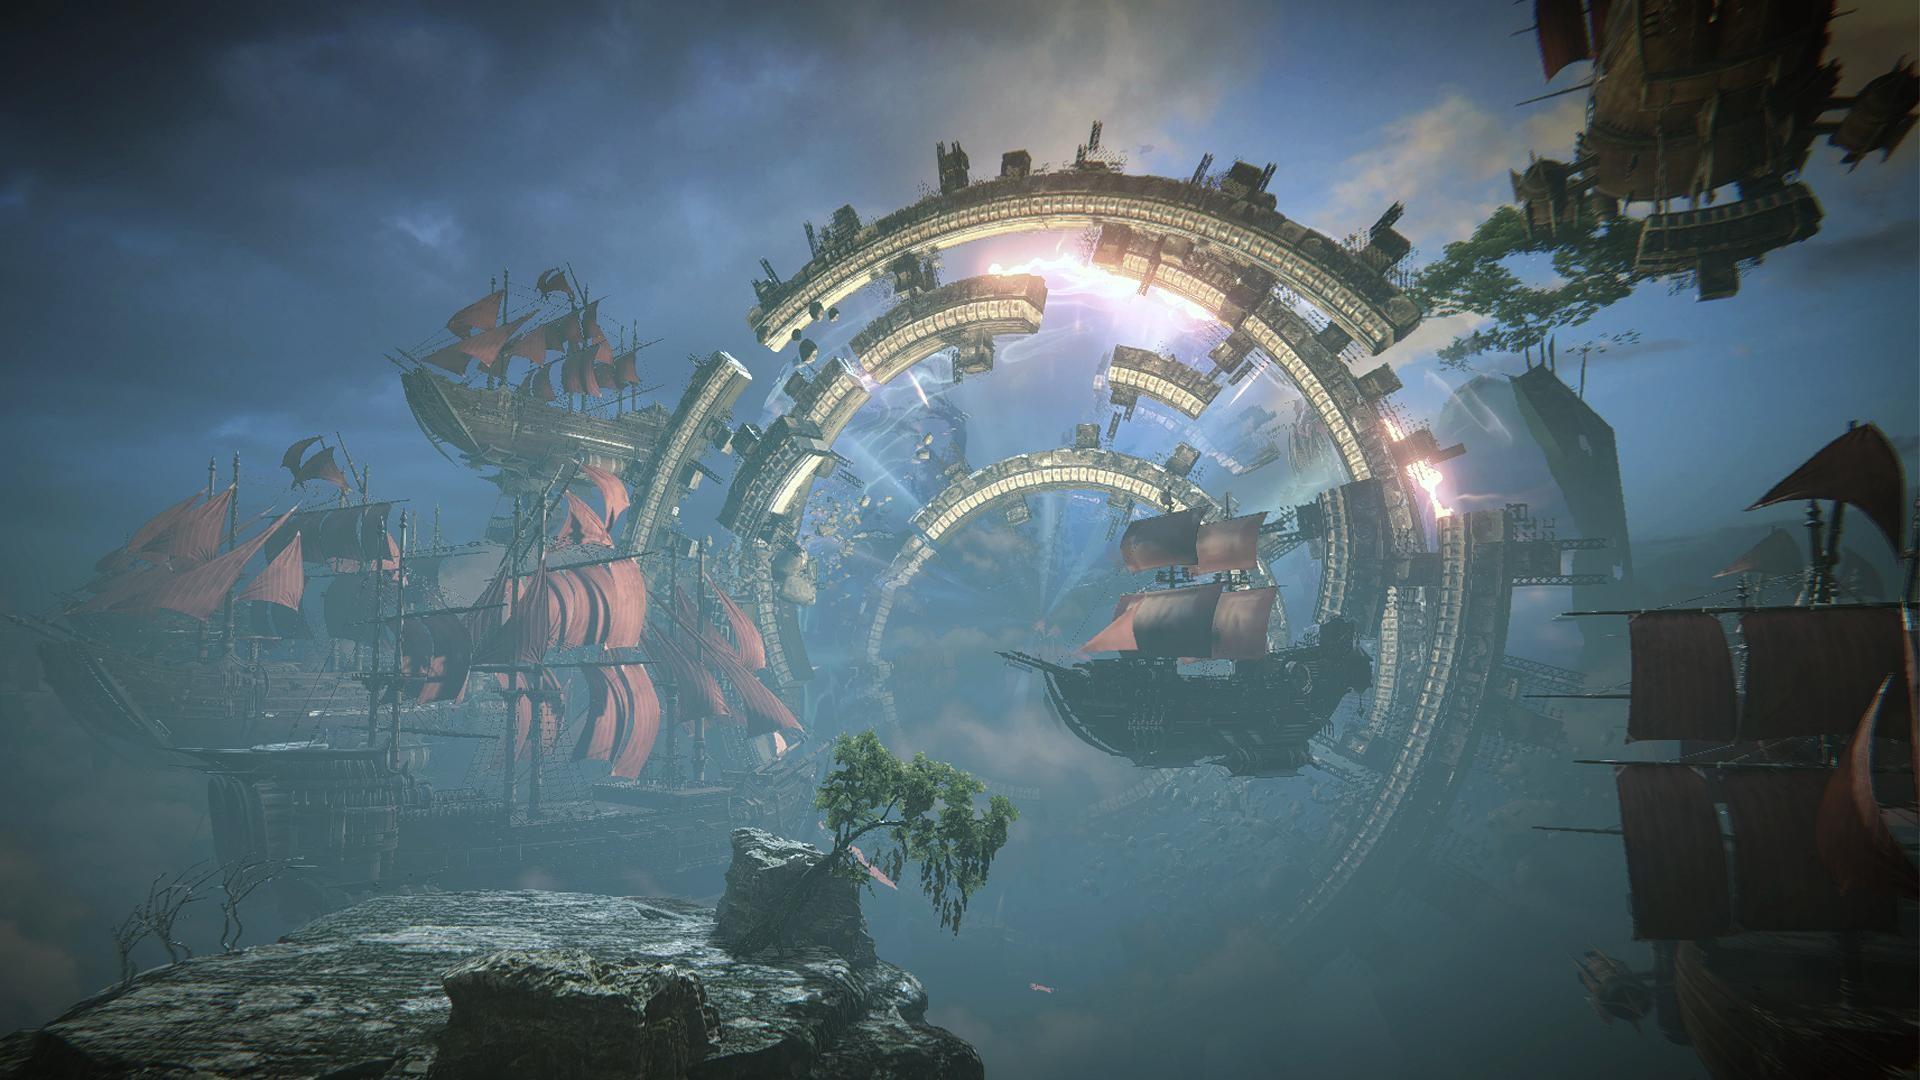 Разработчики Playerunknown's Battlegrounds анонсировали новую игру. Опубликованы скриншоты и трейлер